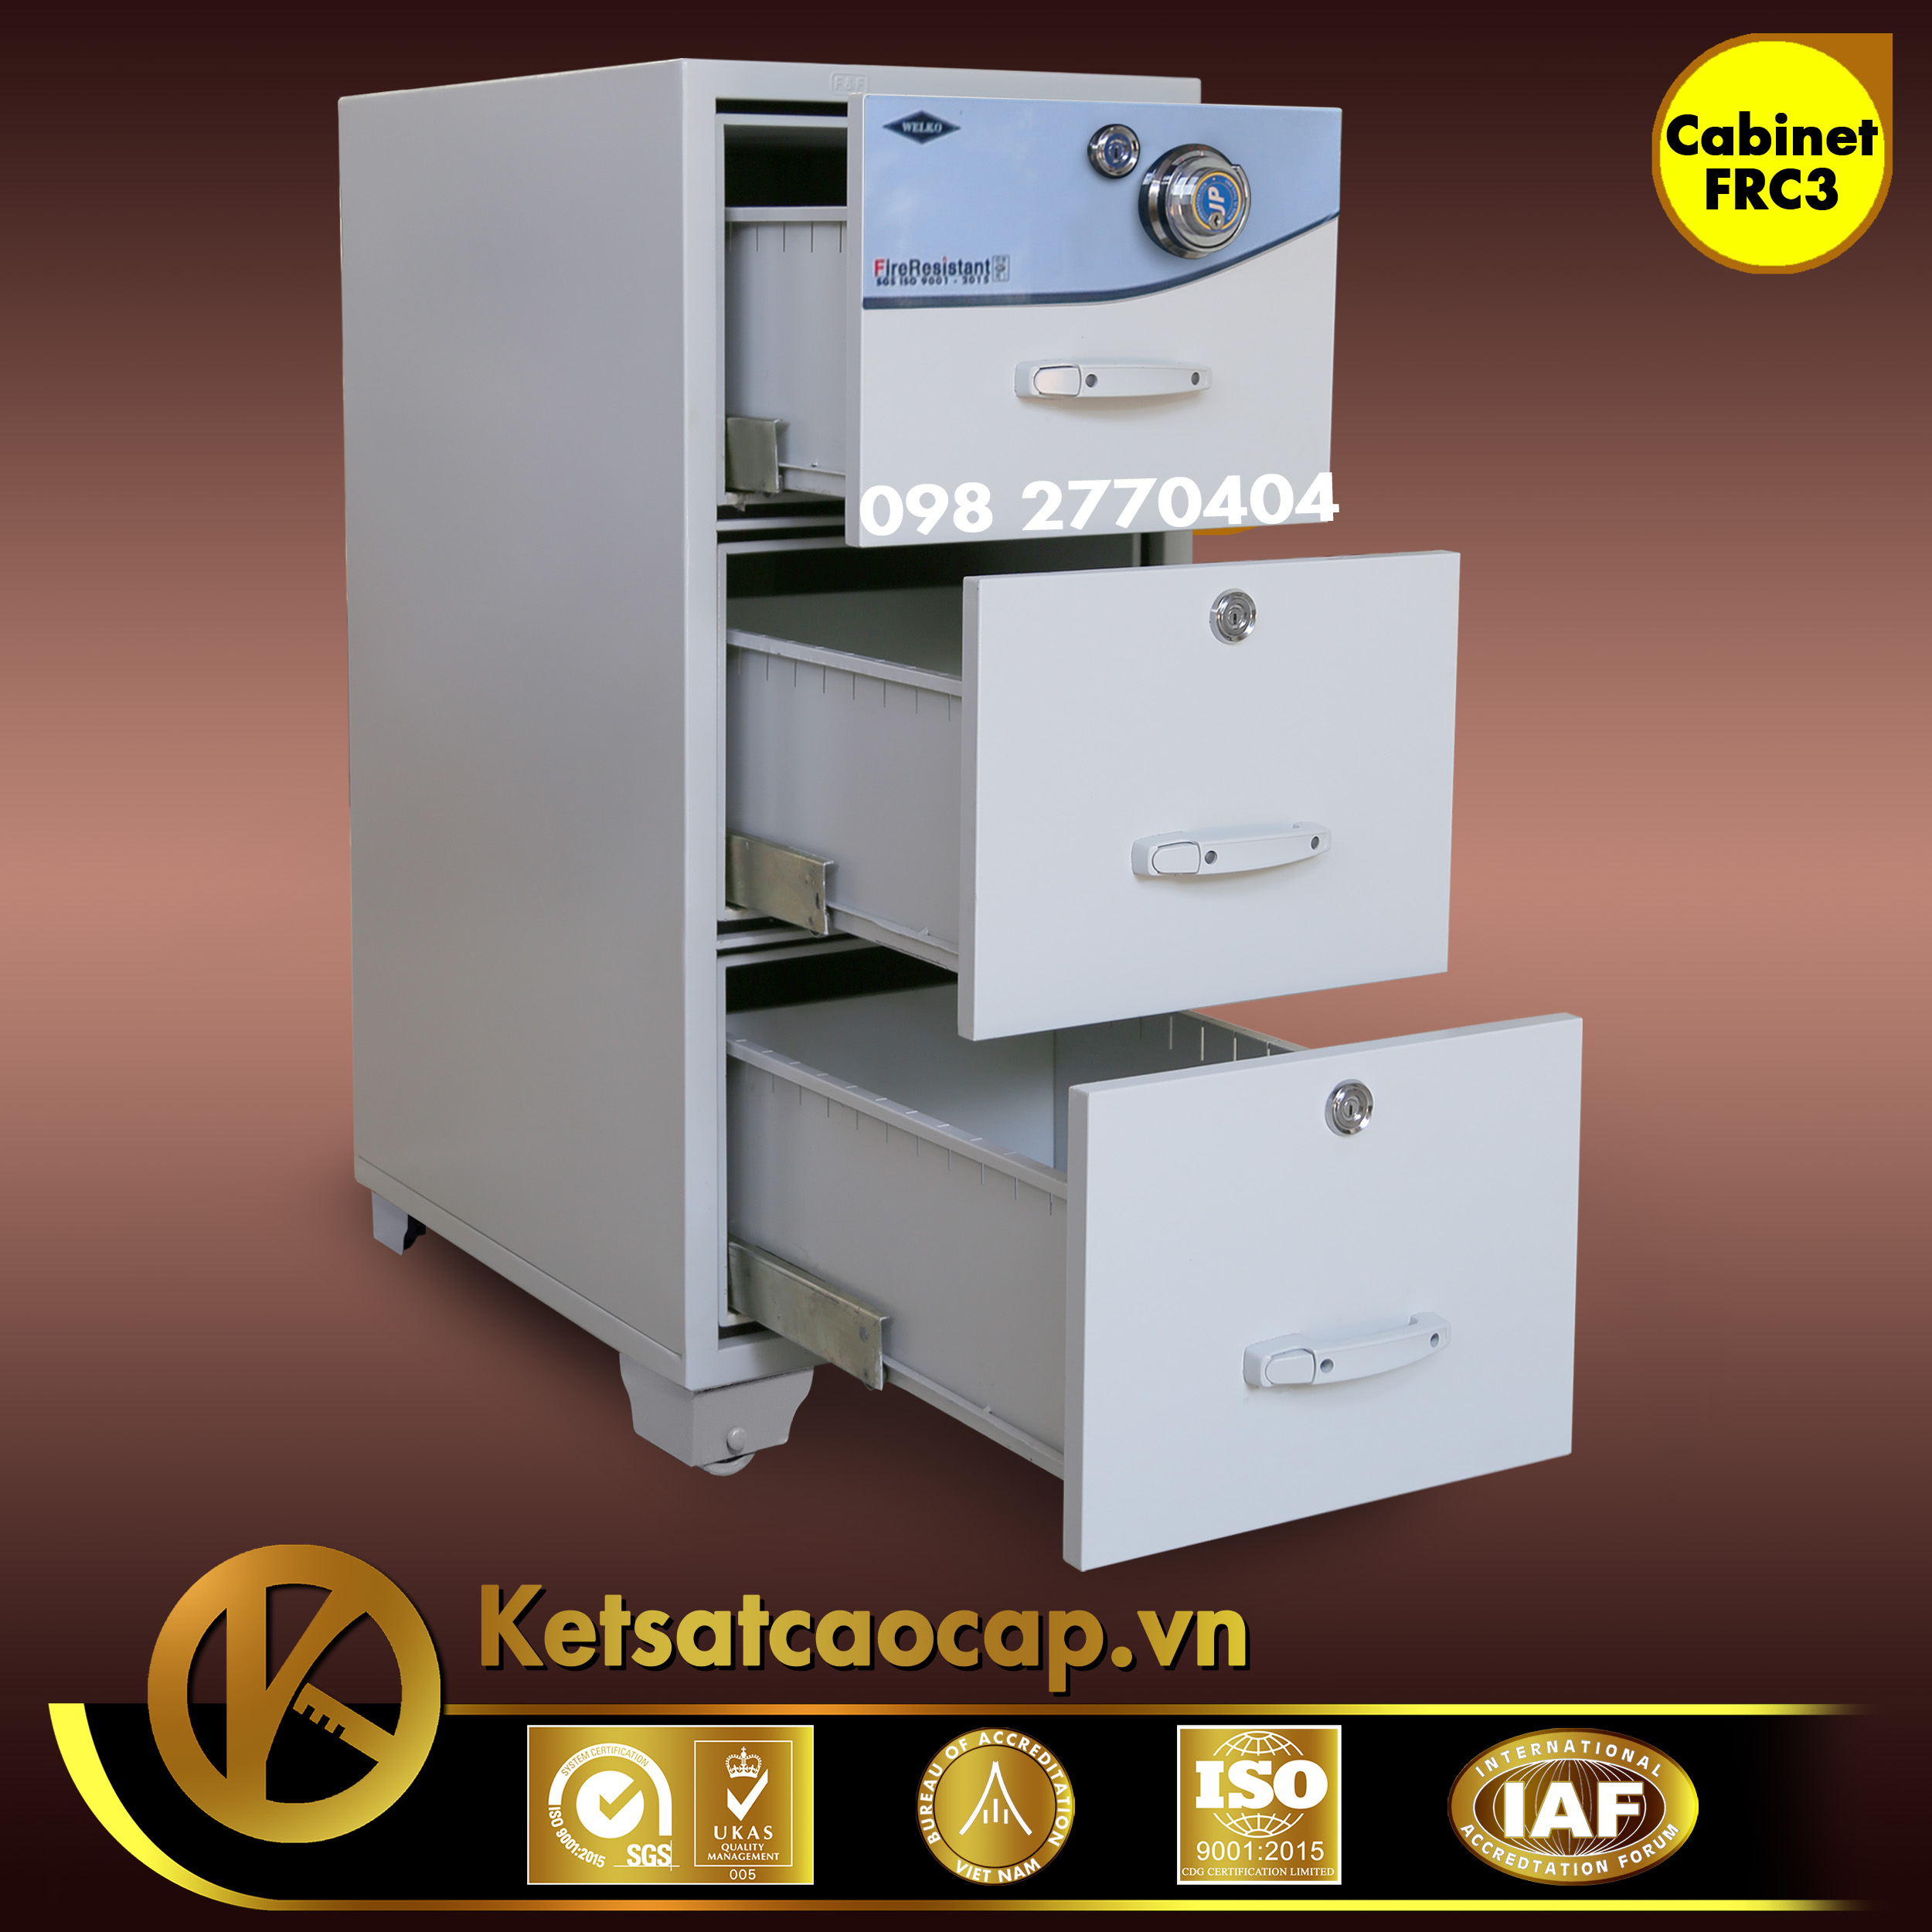 Tủ Hồ Sơ Chống Cháy FRC3 Cabinet